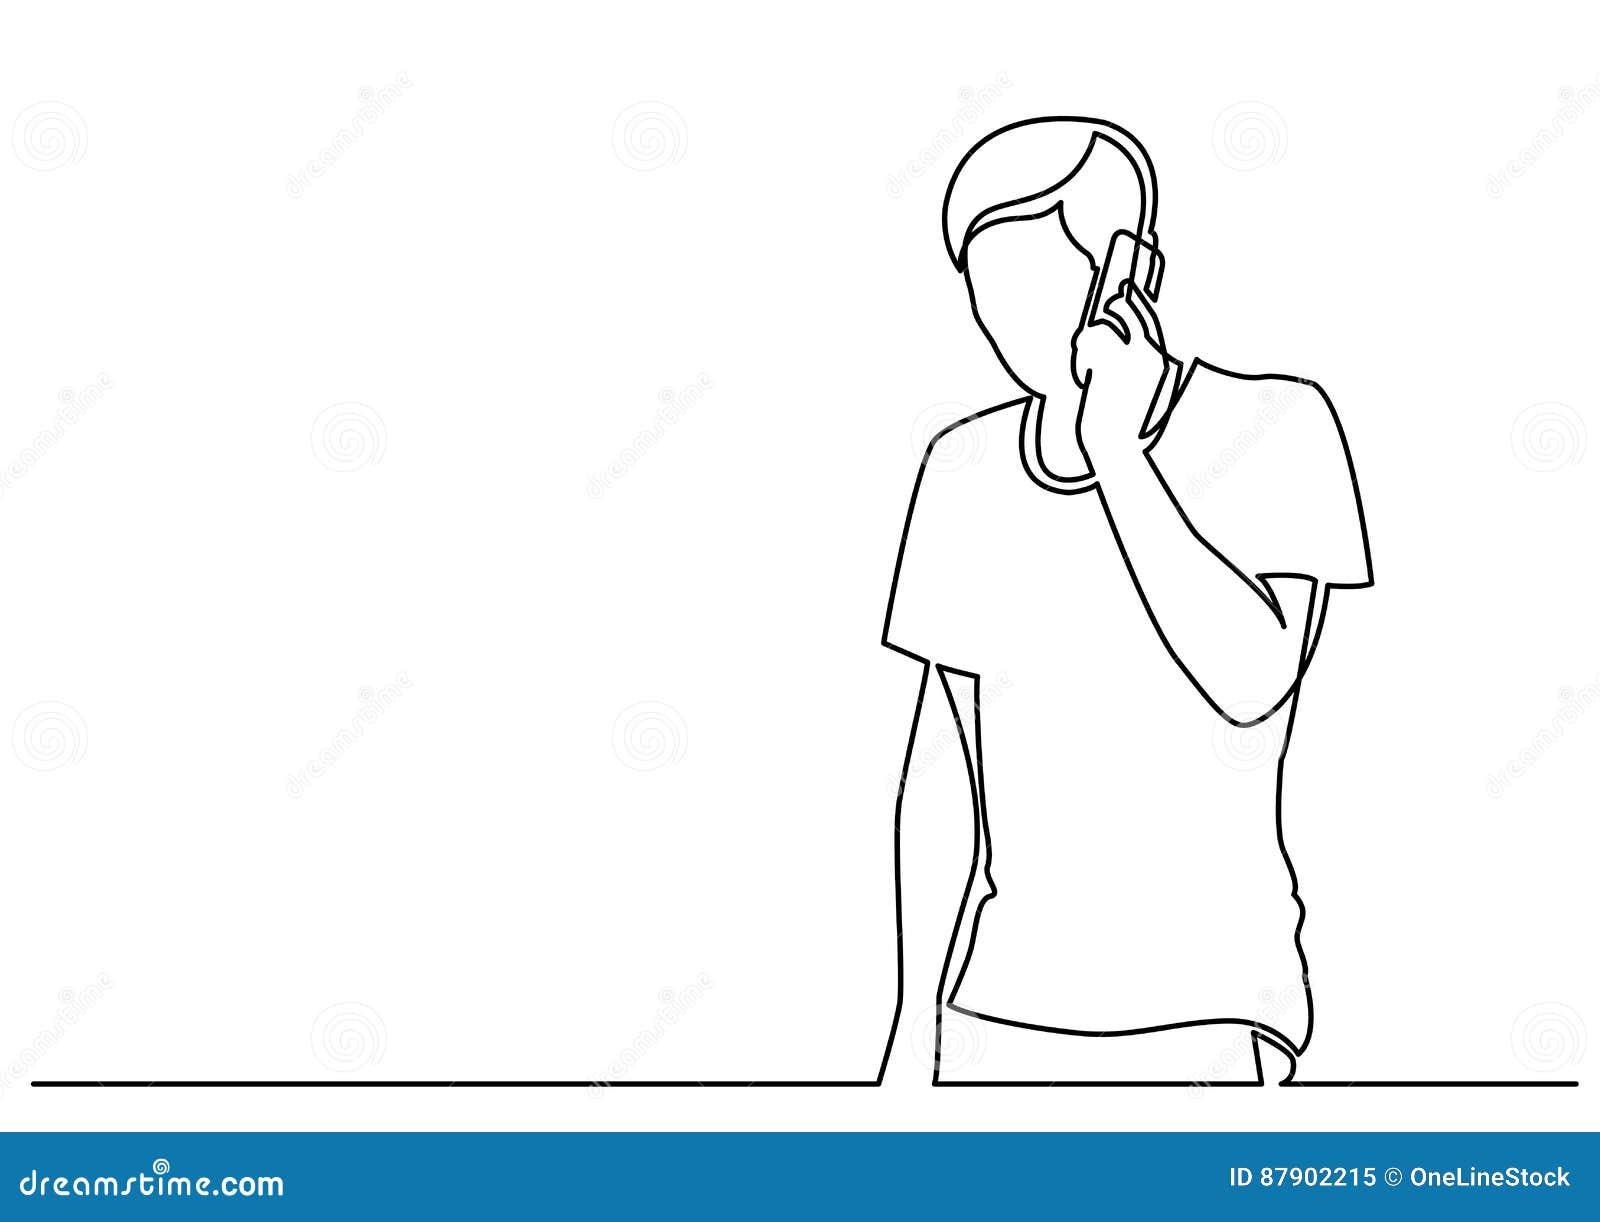 Dessin Au Trait Continu De Jeune Homme Parlant Au Téléphone